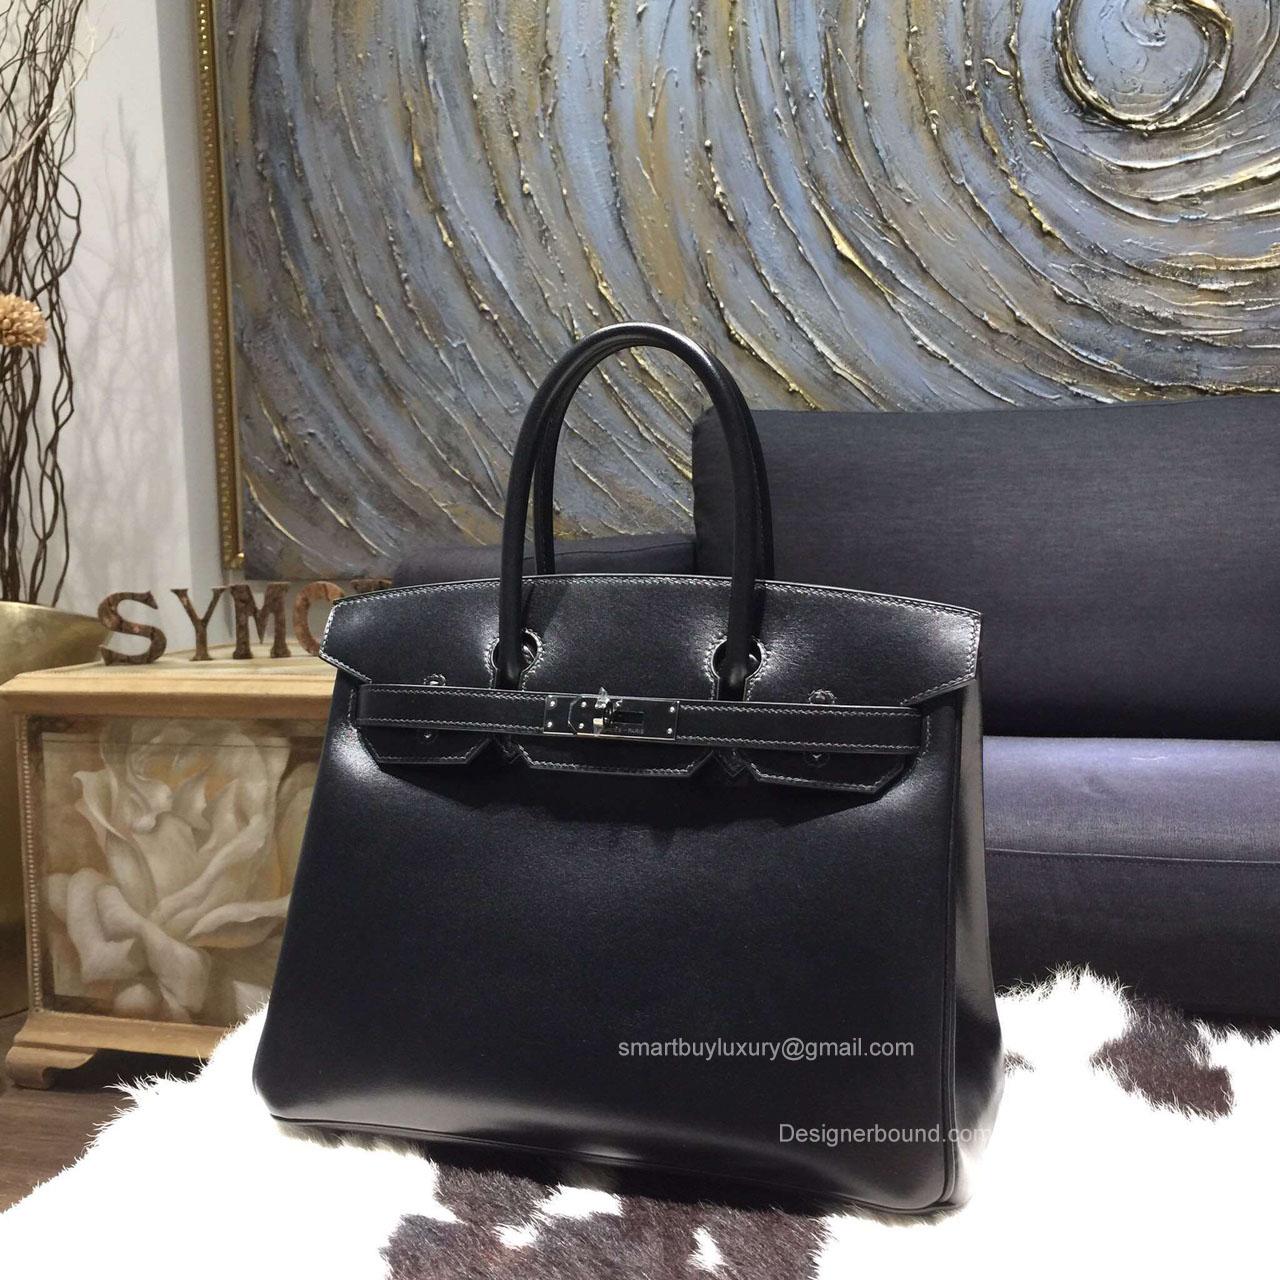 82e0ea937648 Hermes Birkin 35 Bag Black Box Leather Handstitched Silver hw